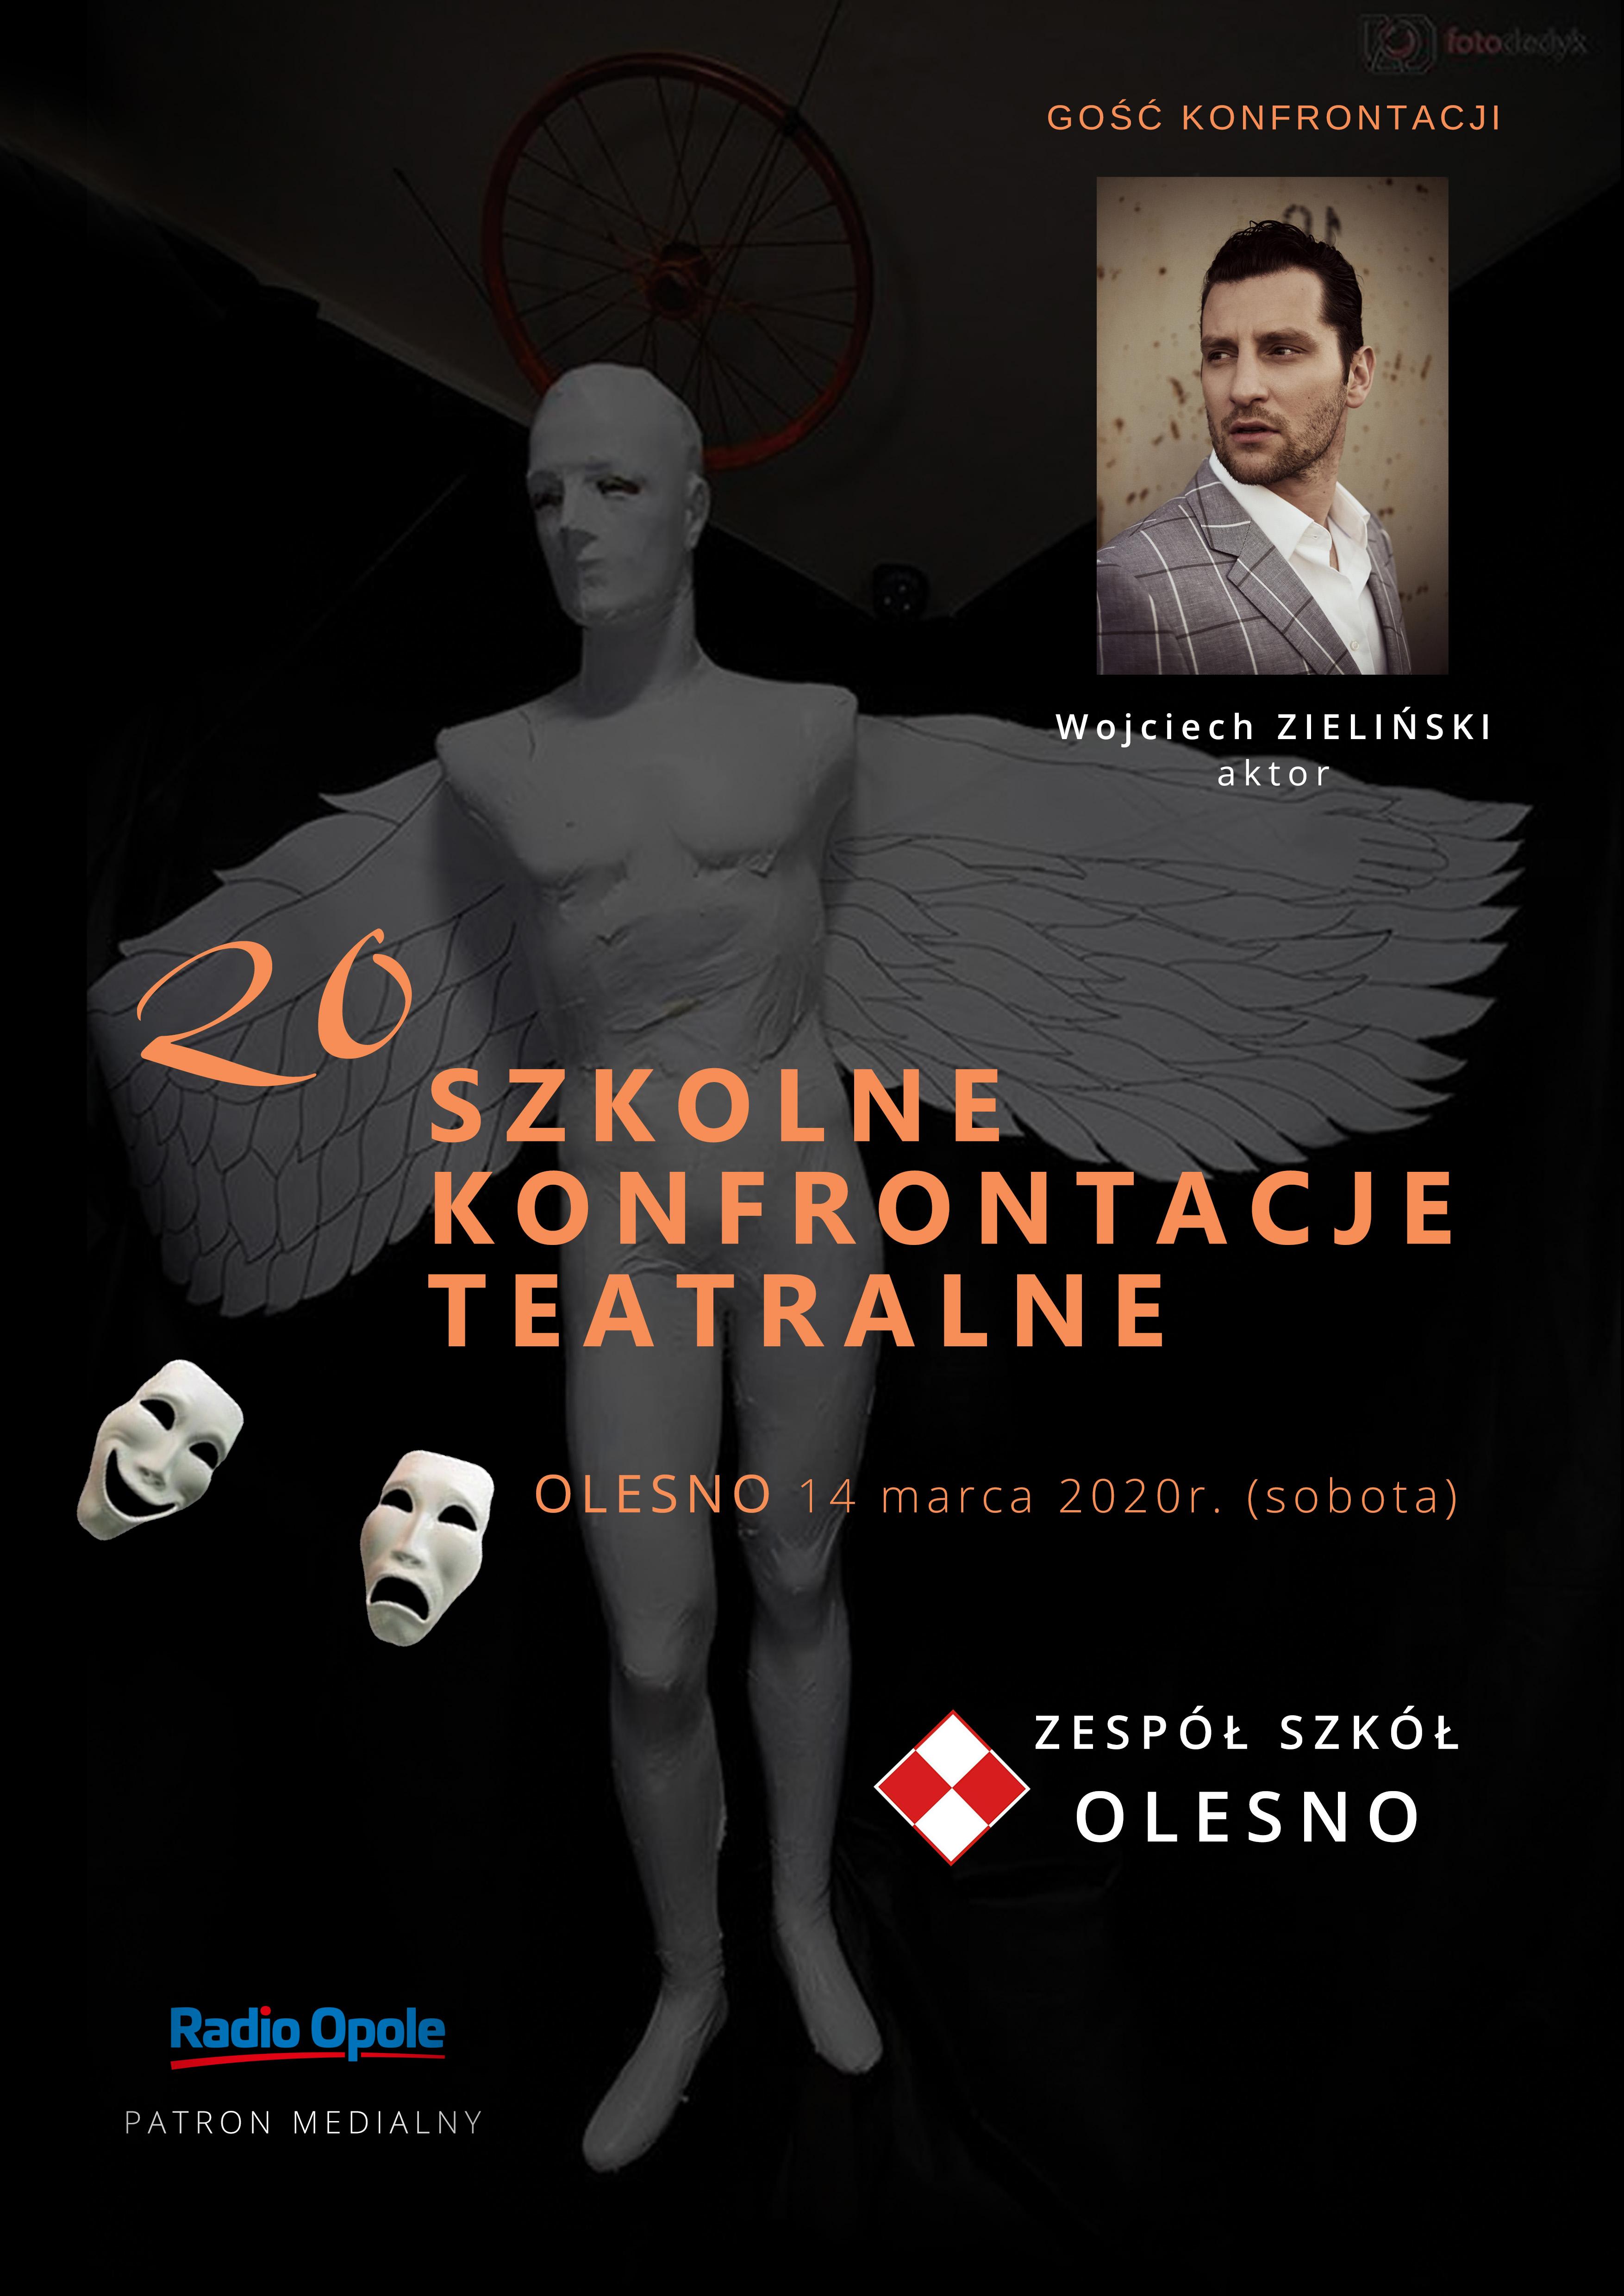 XX Szkolne Konfrontacje Teatralne w Oleśnie już w sobotę